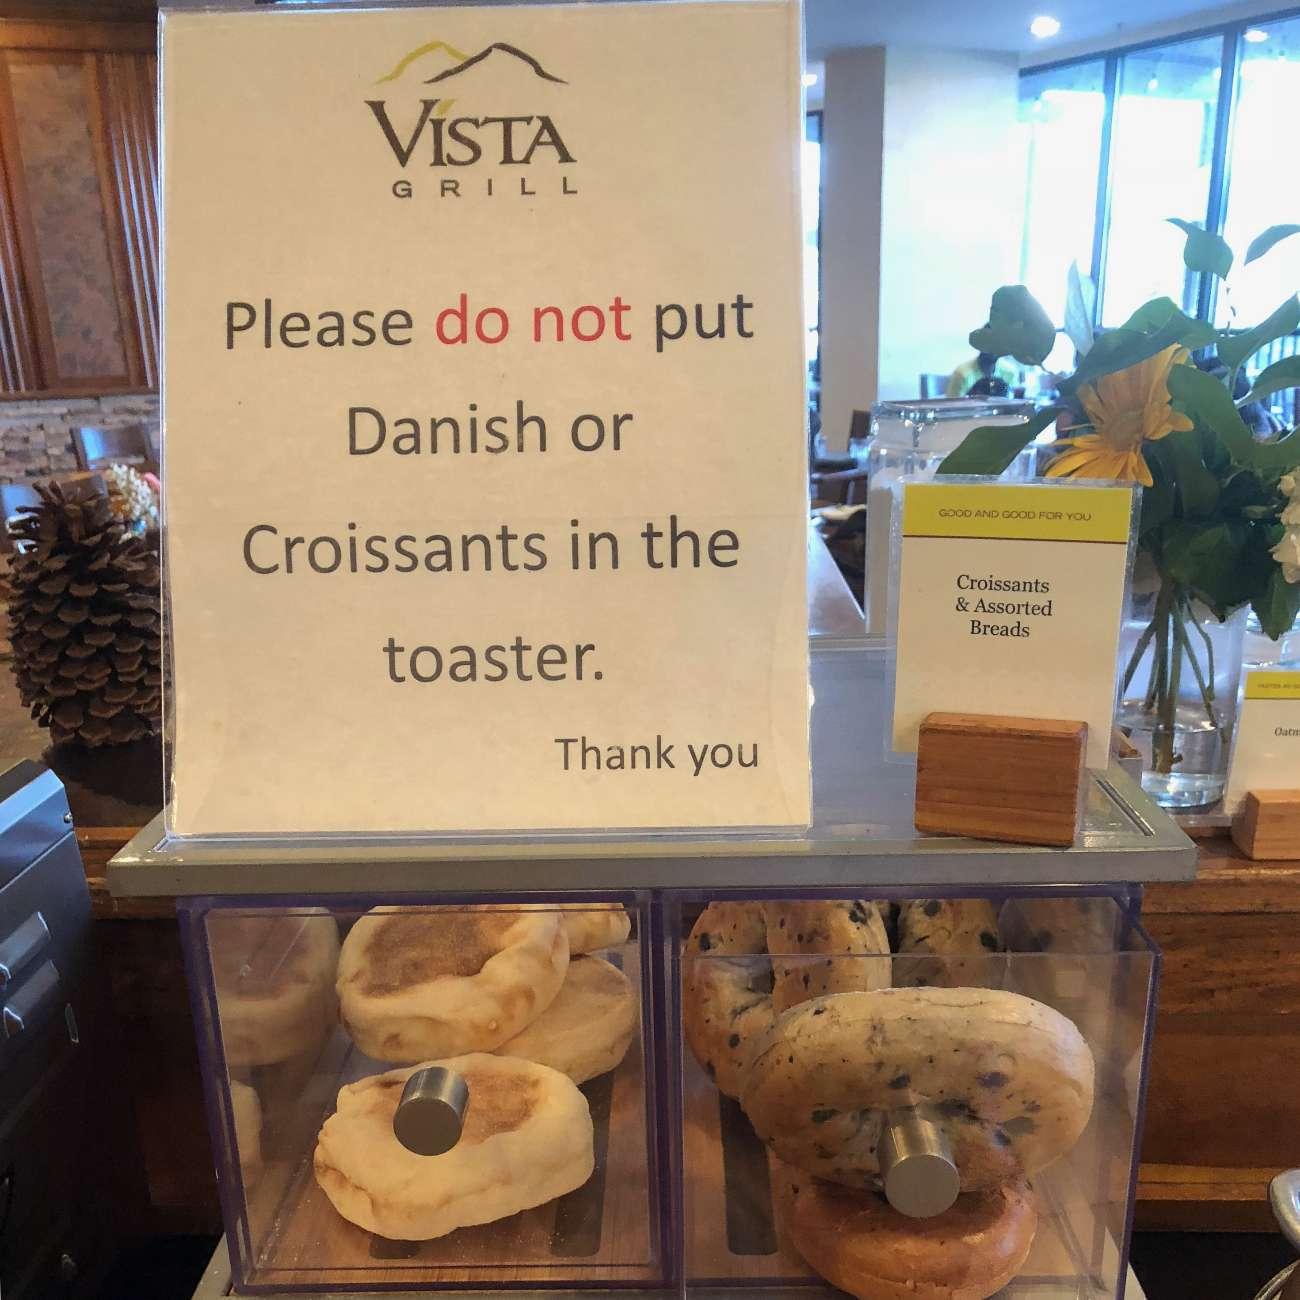 Bitte keine Puddingteilchen in den Toaster tun - Warnschild in Tennessee